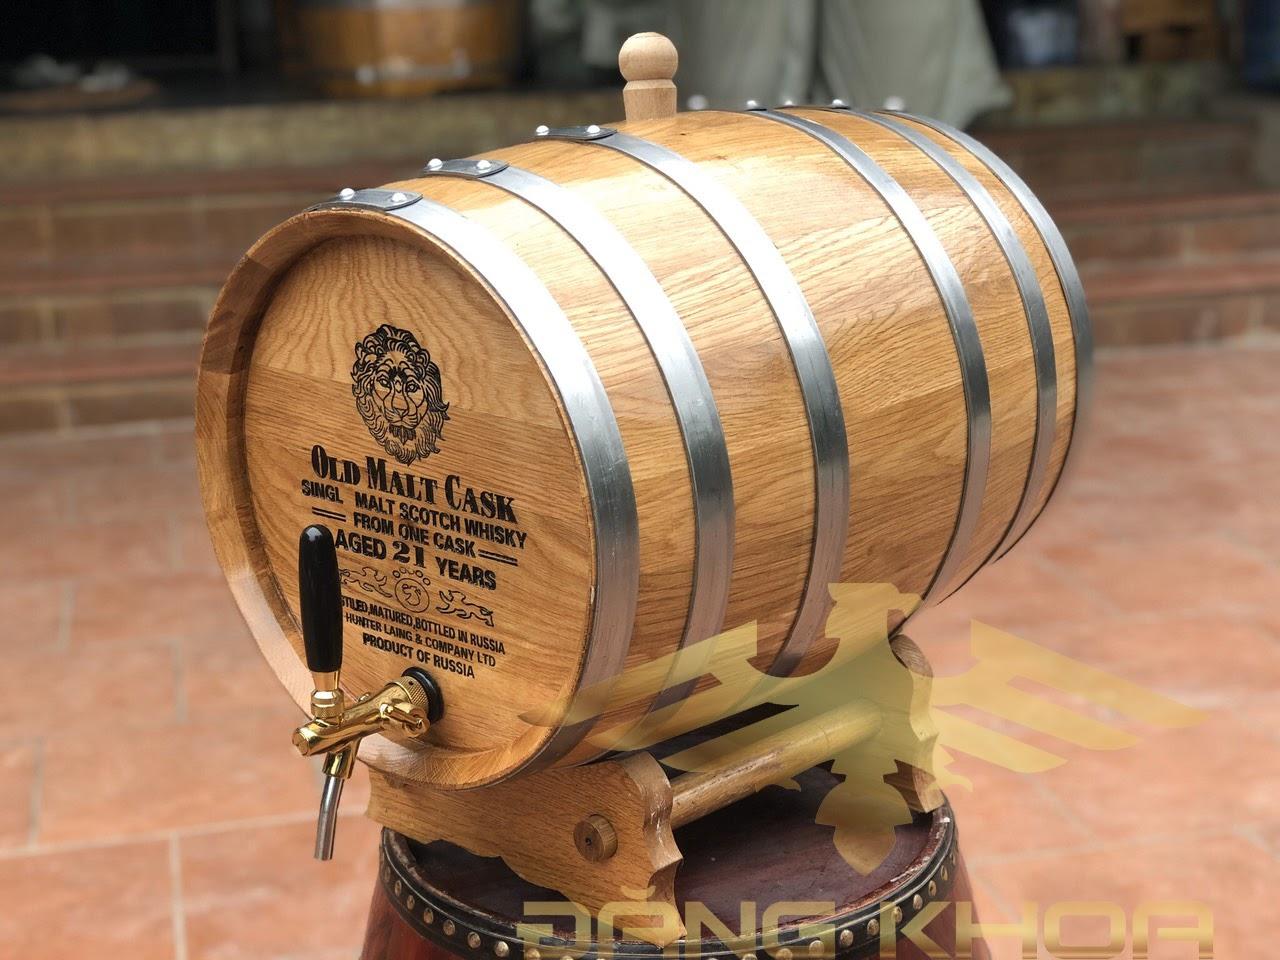 Quá trình ngâm rượu bằng gỗ sồi theo đúng tiêu chuẩn